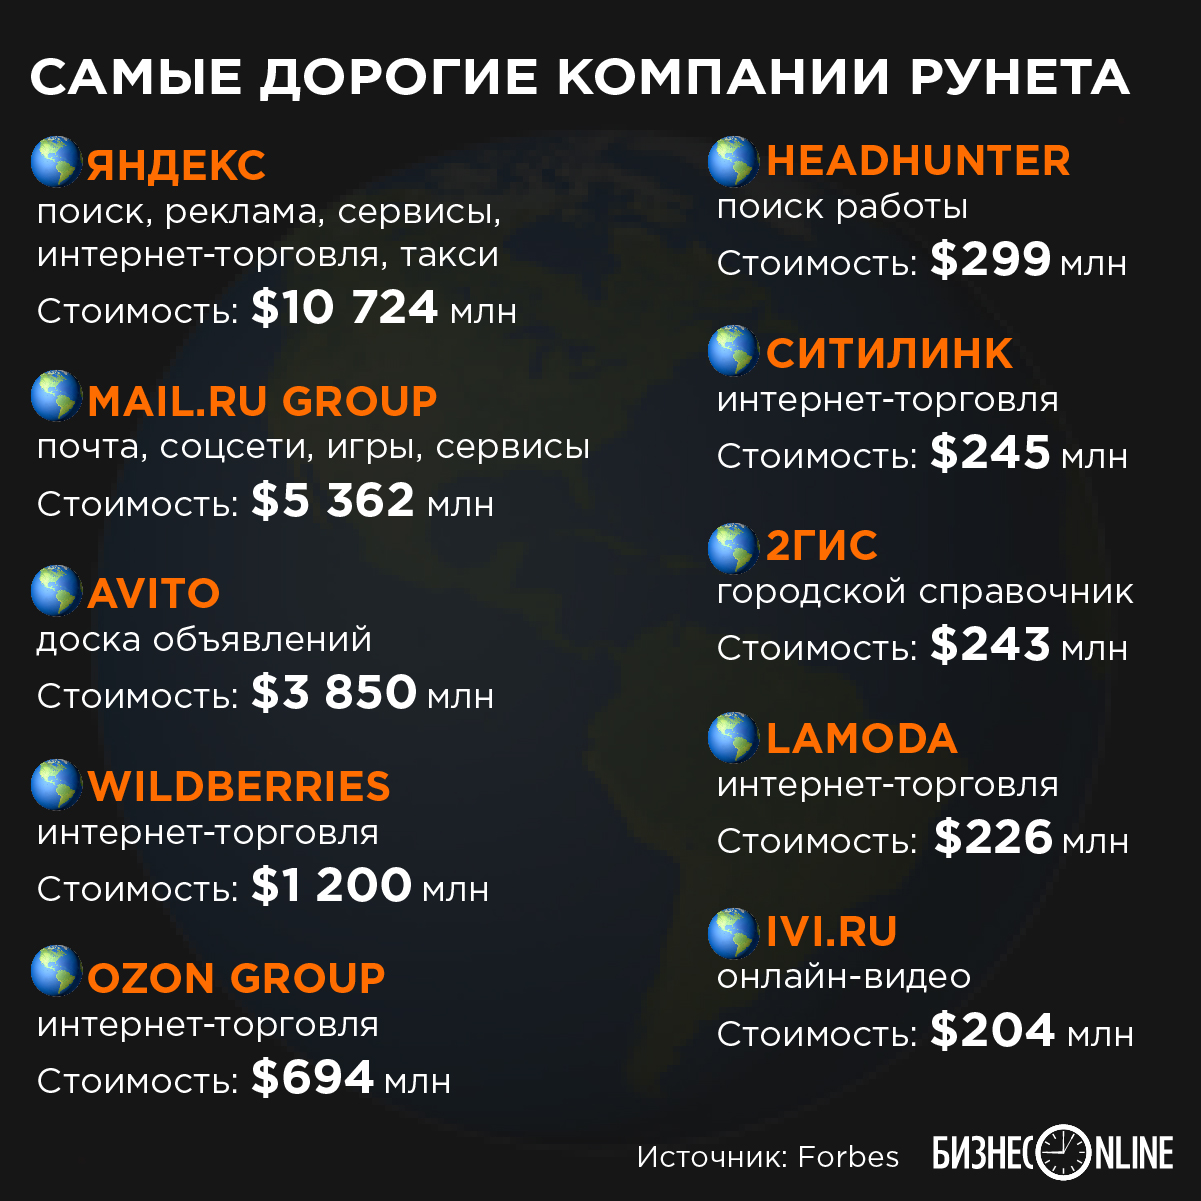 Forbes назвал самые дорогие компании Рунета